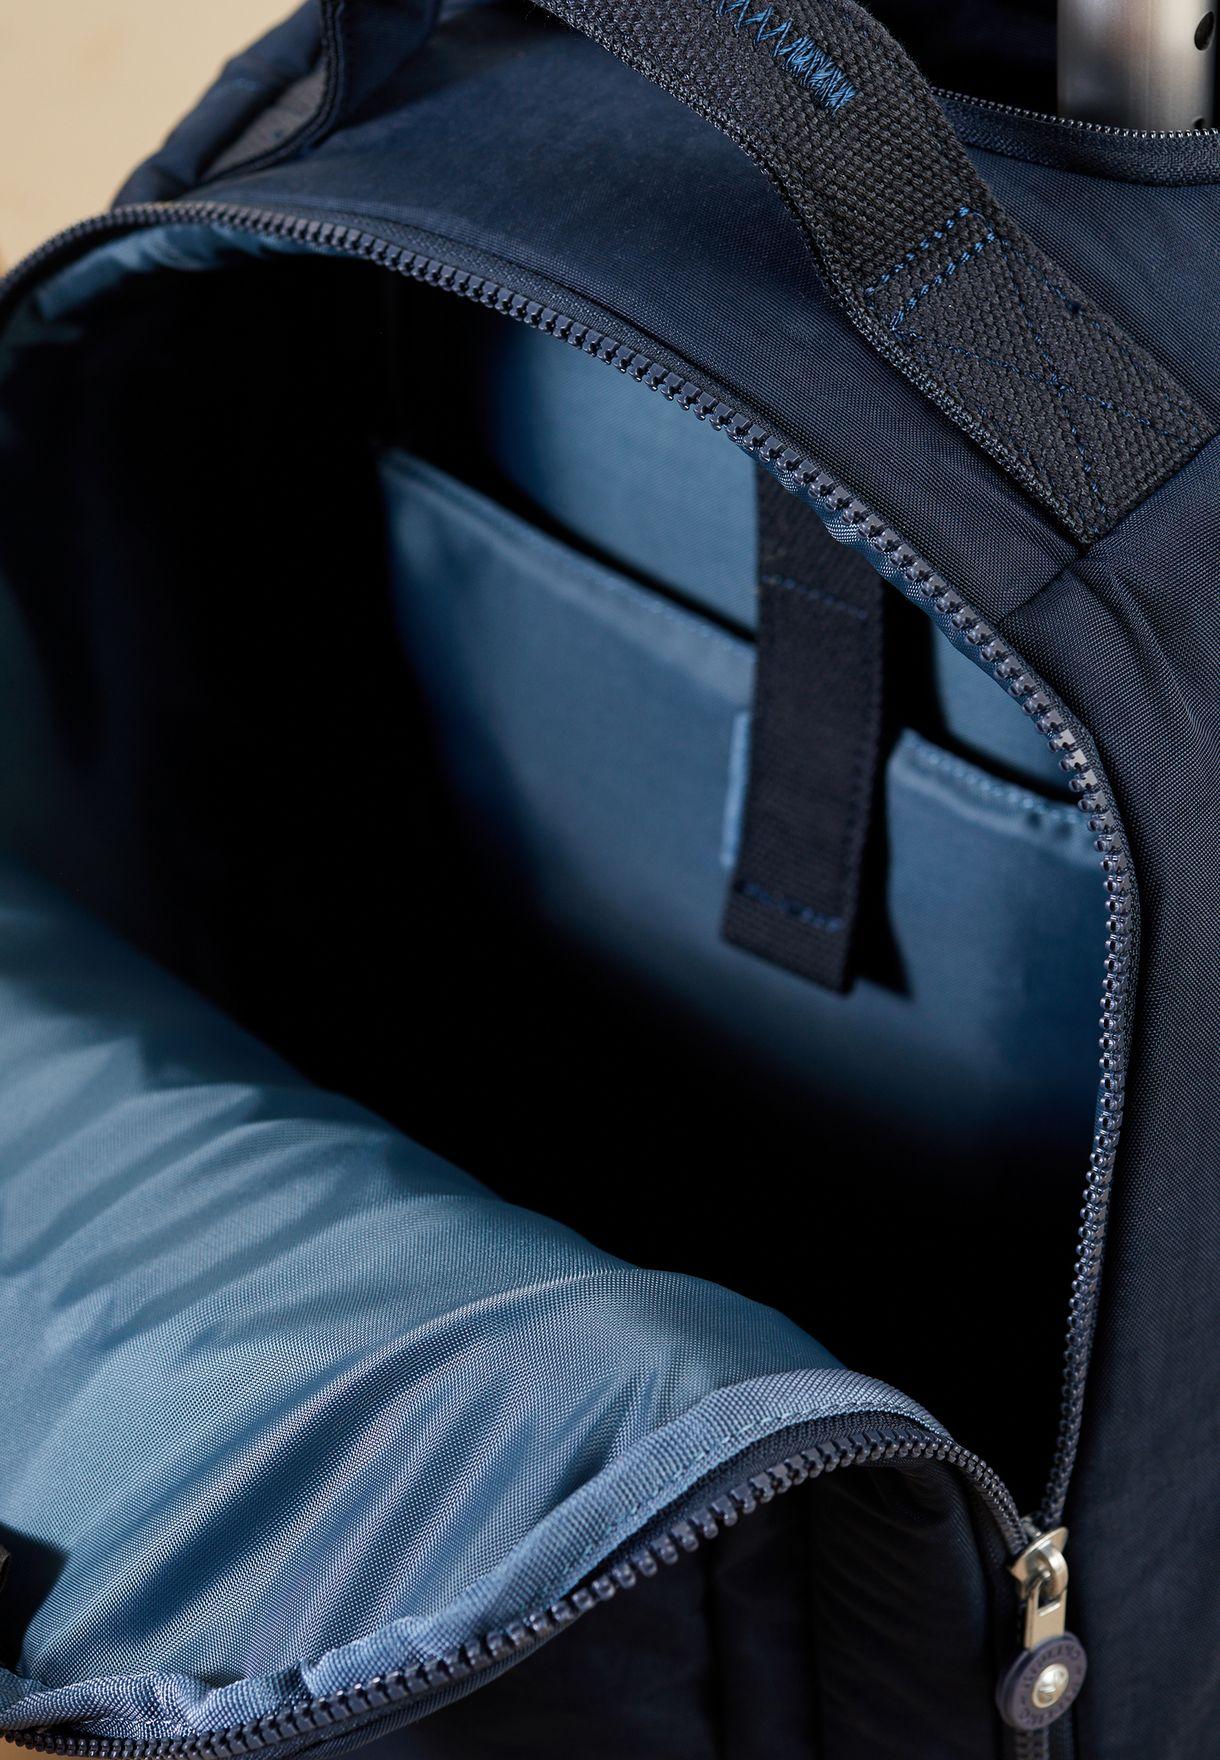 Zea True Blue Wheeled Backpack